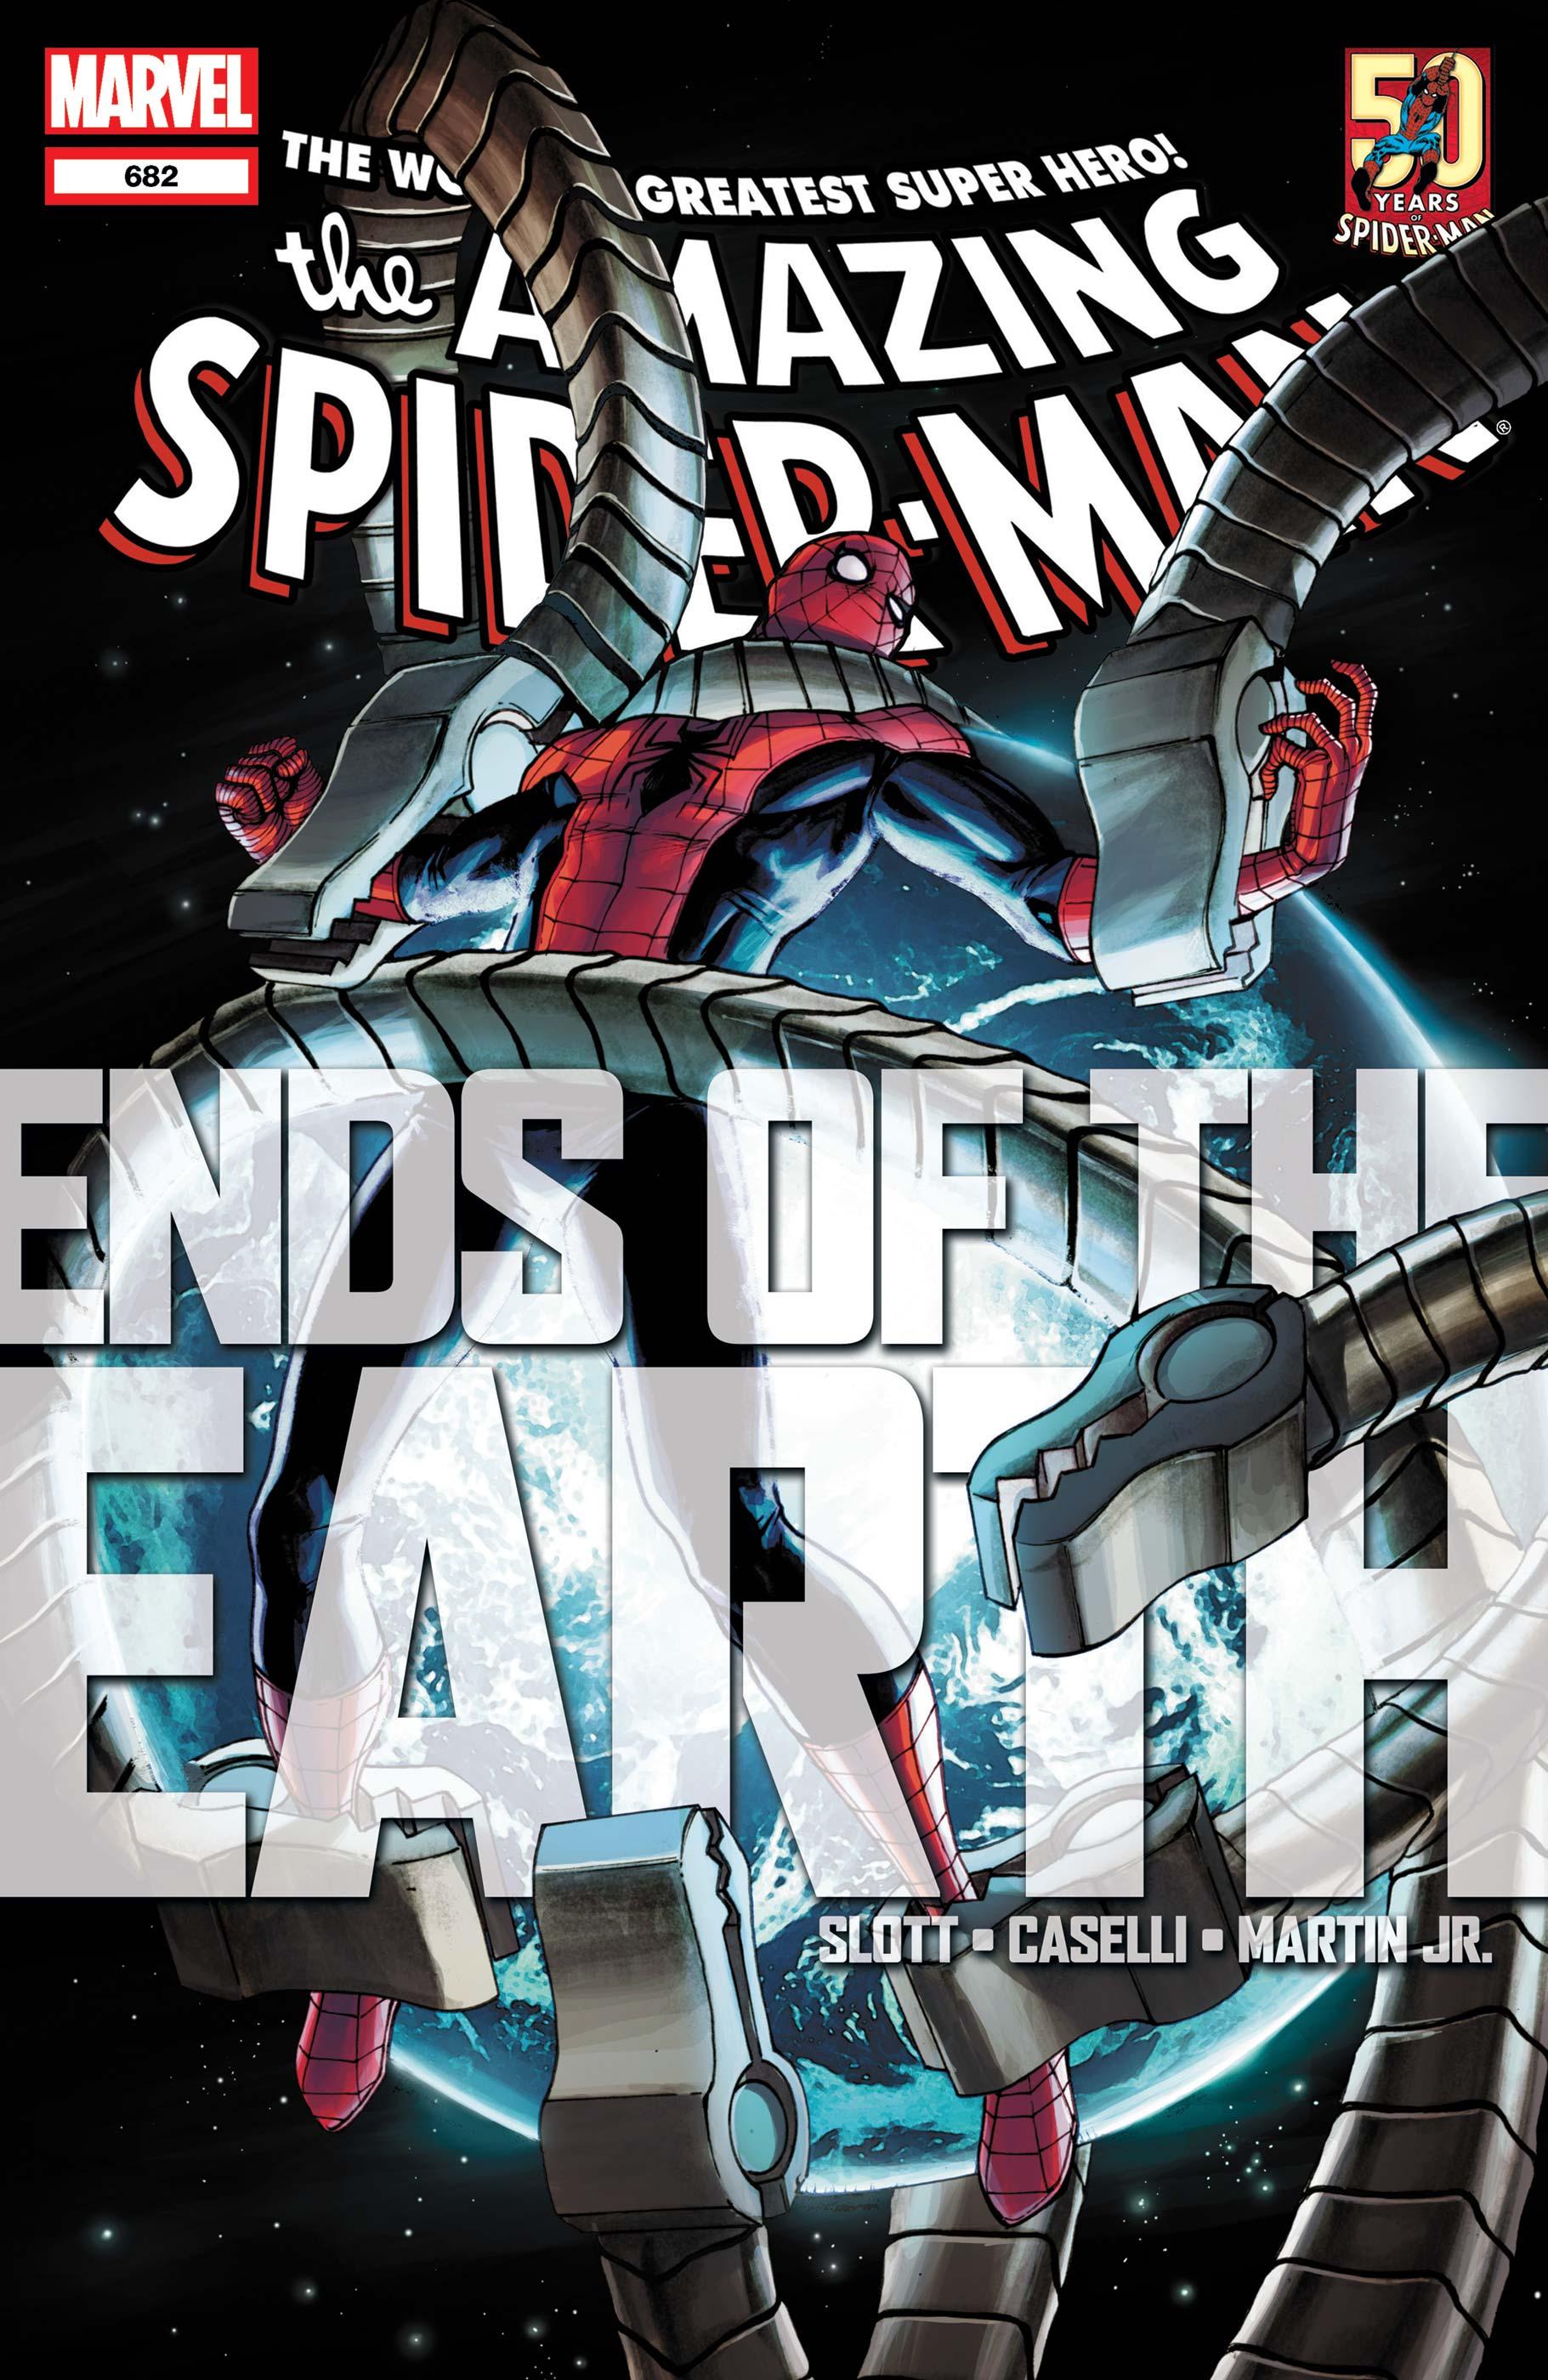 Amazing Spider-Man (1999) #682